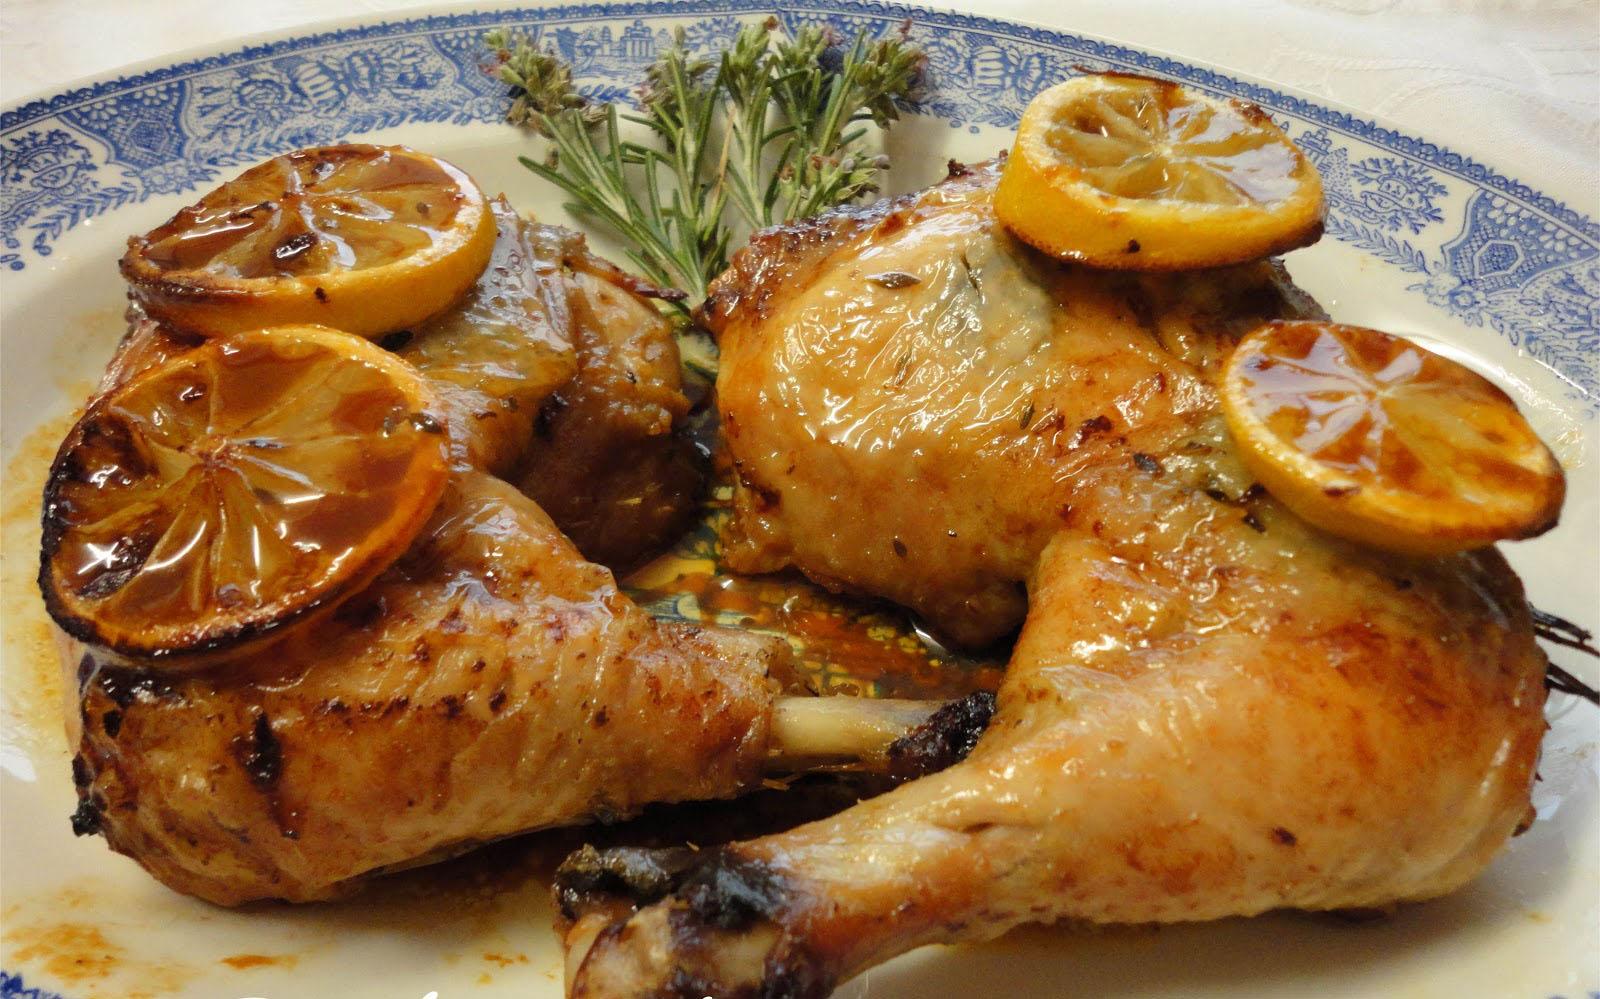 Nutylicius pollo asado al limon - Pollo al horno con limon y patatas ...